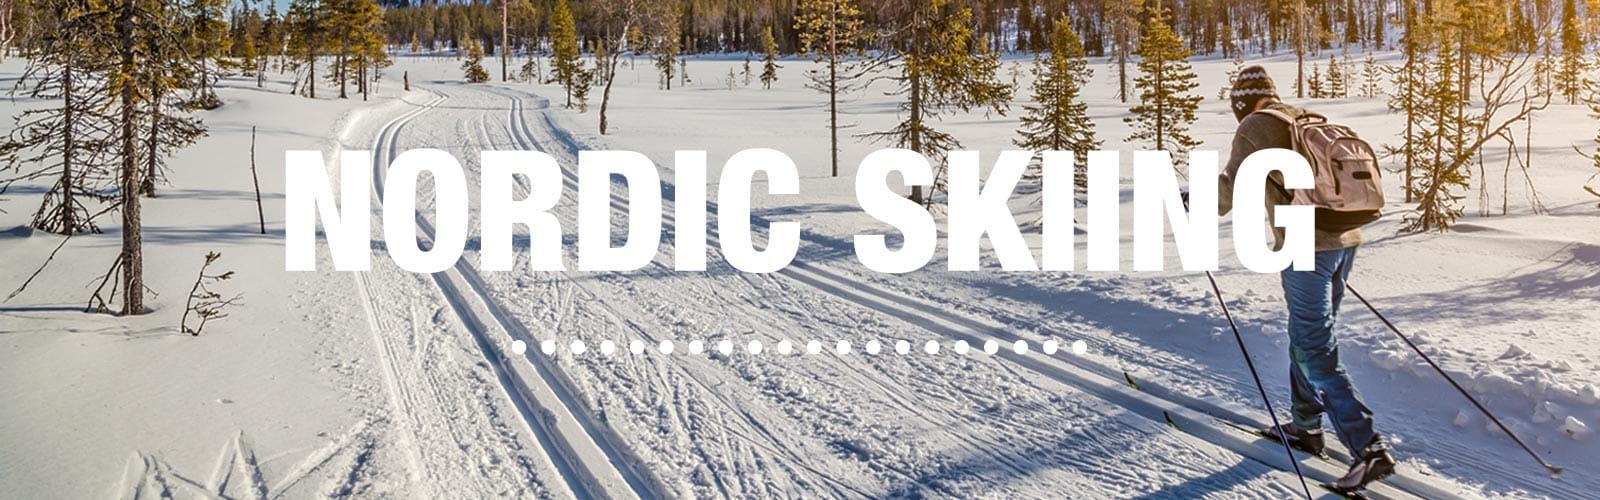 Nordic Ski Guide